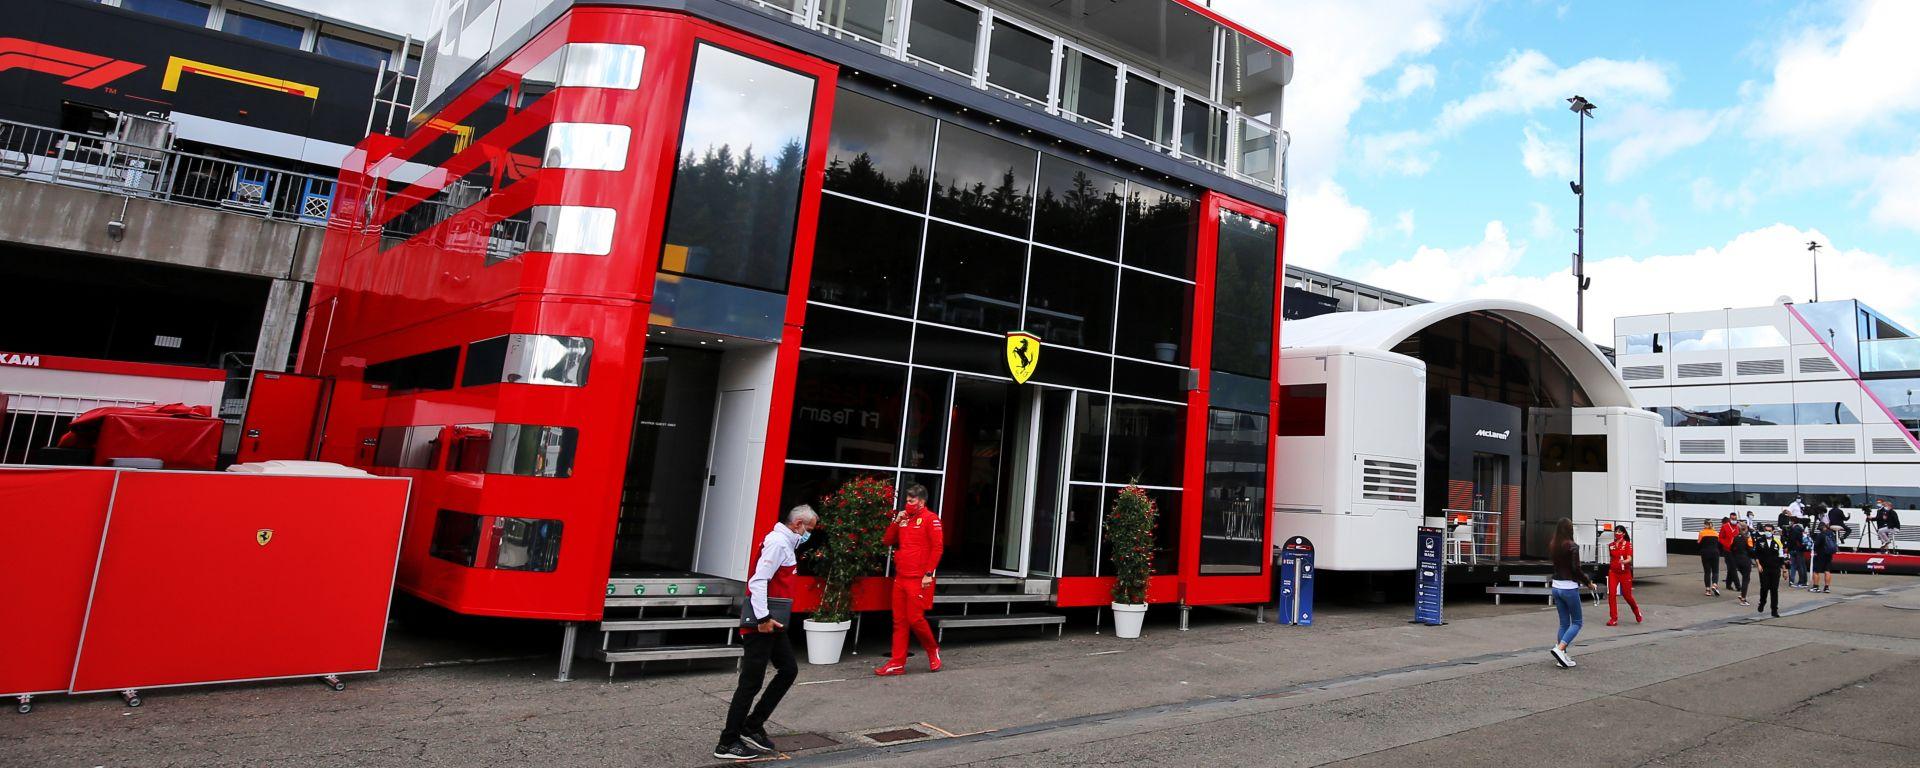 F1, GP Belgio 2020: il motorhome Ferrari nel paddock di Spa